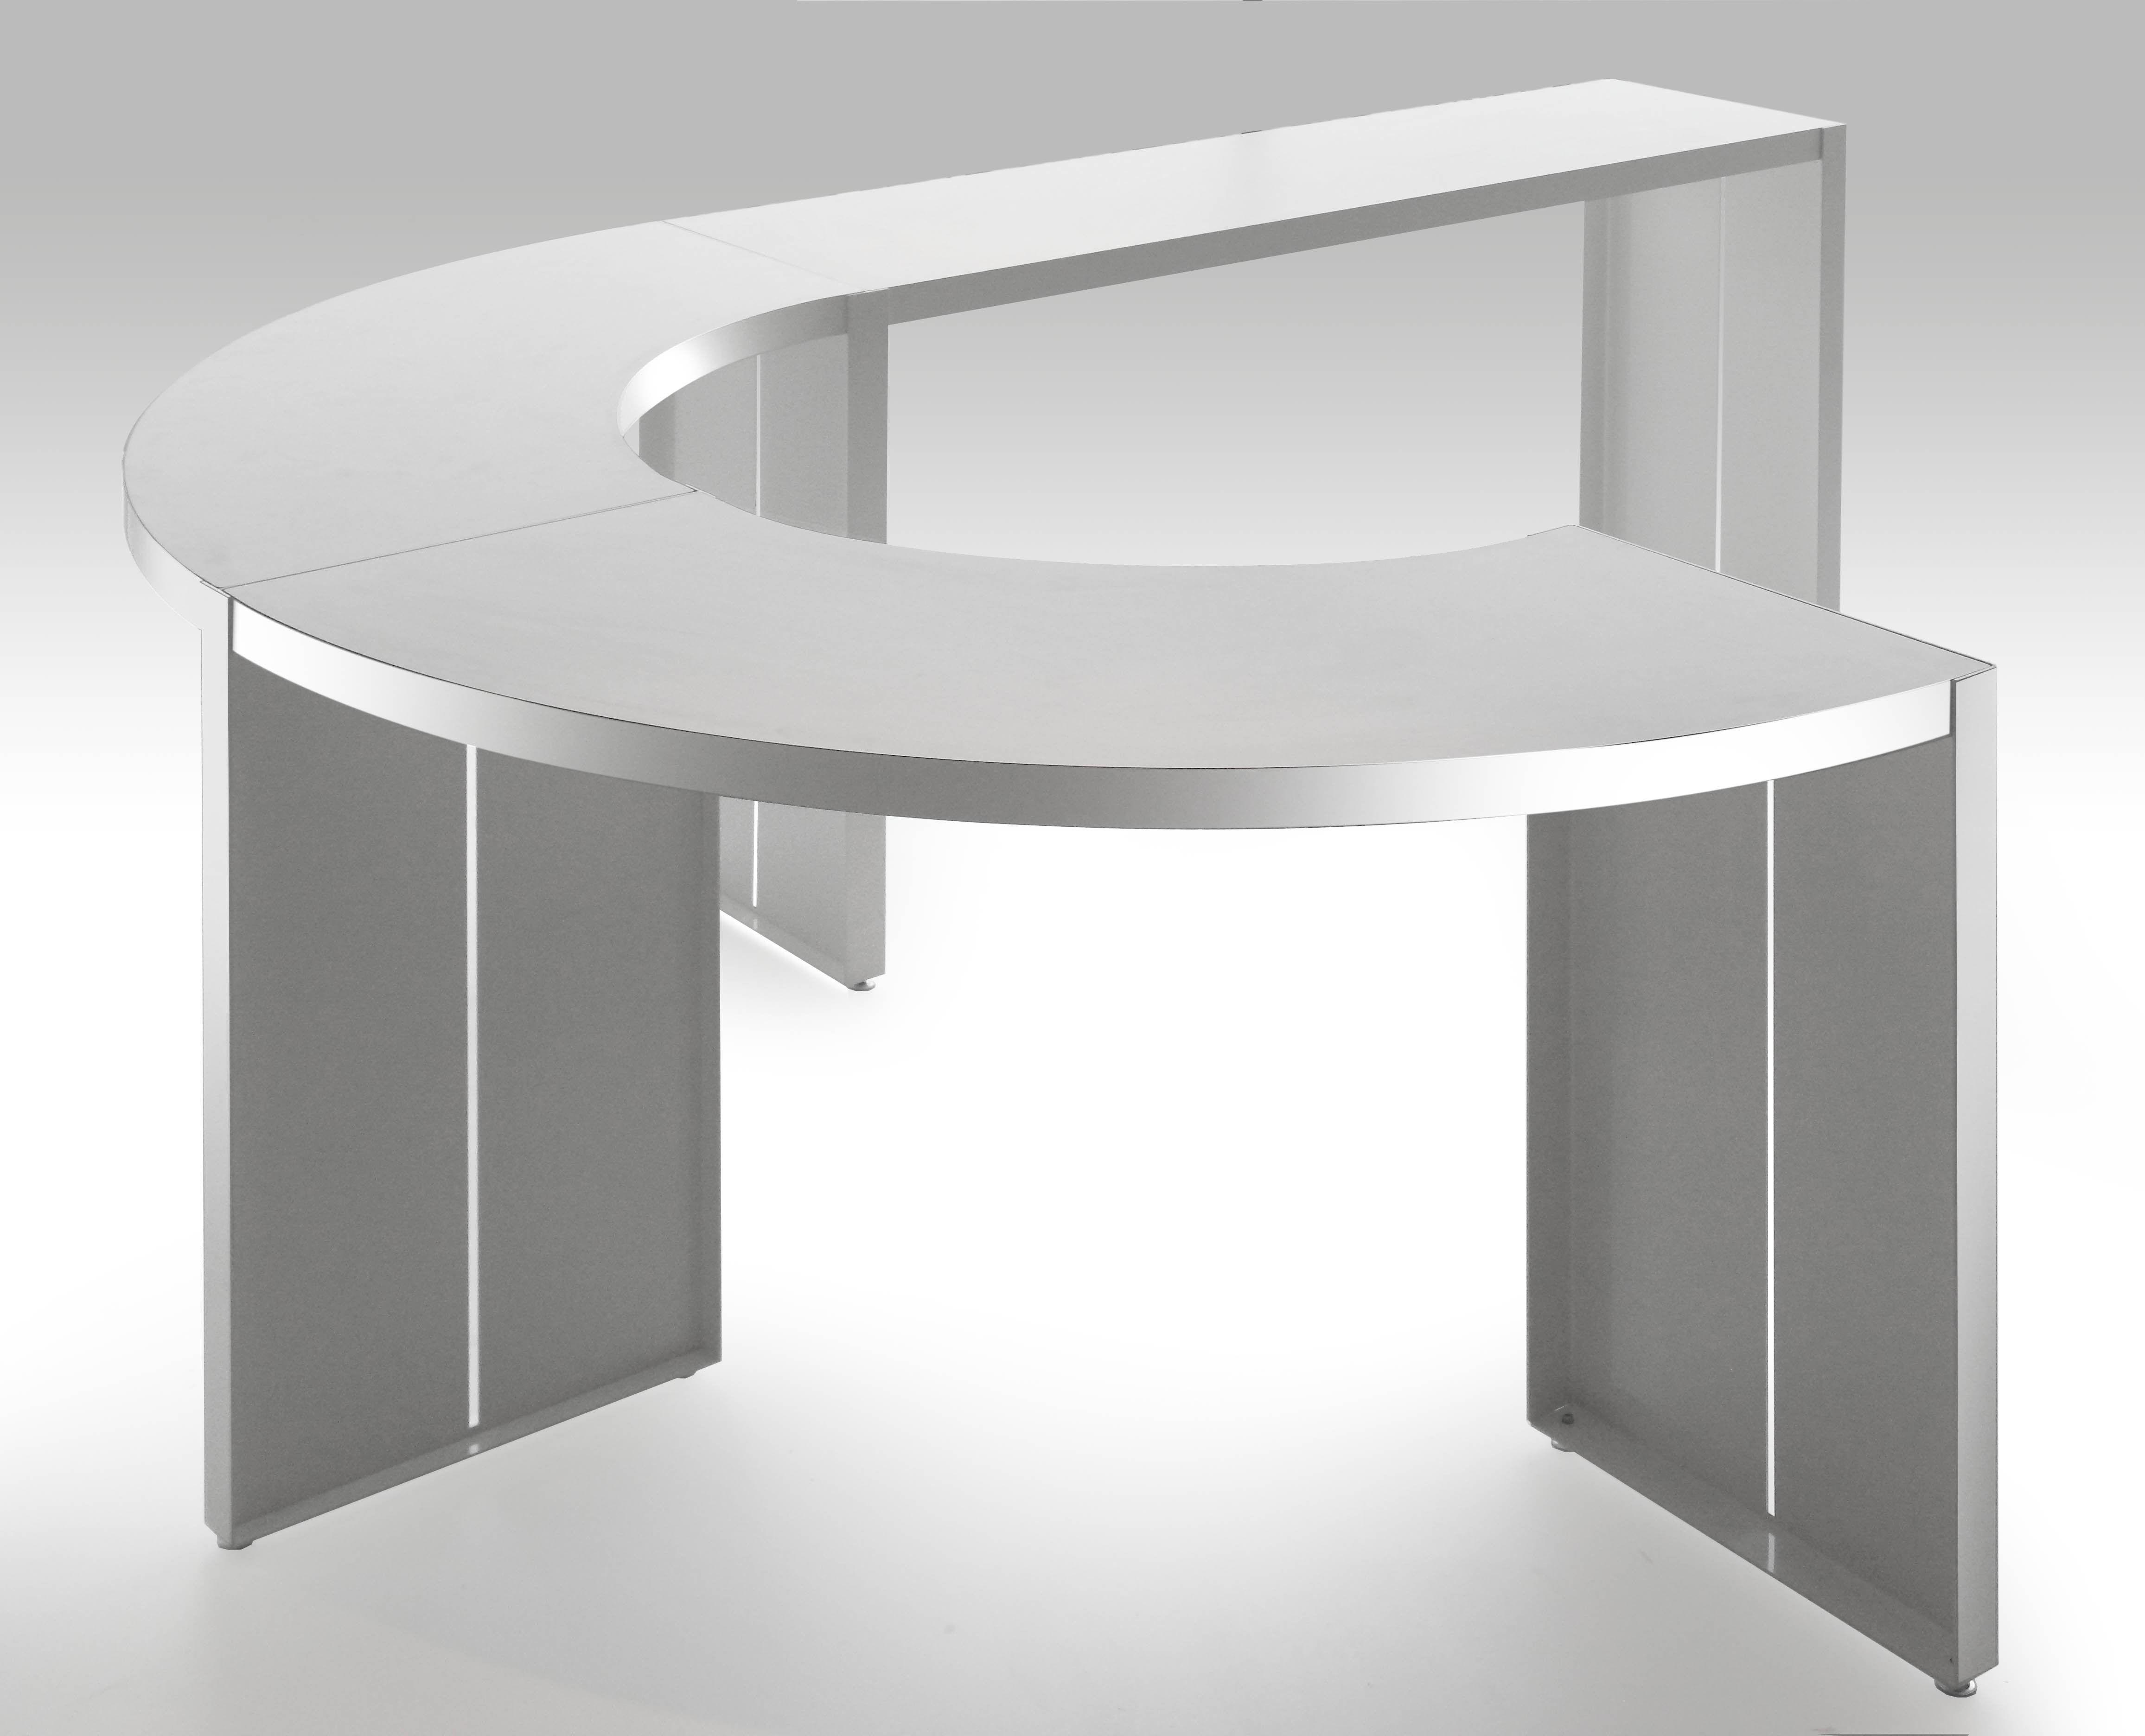 scopri tavolo alto panco h 110 cm nero l 110 cm arco